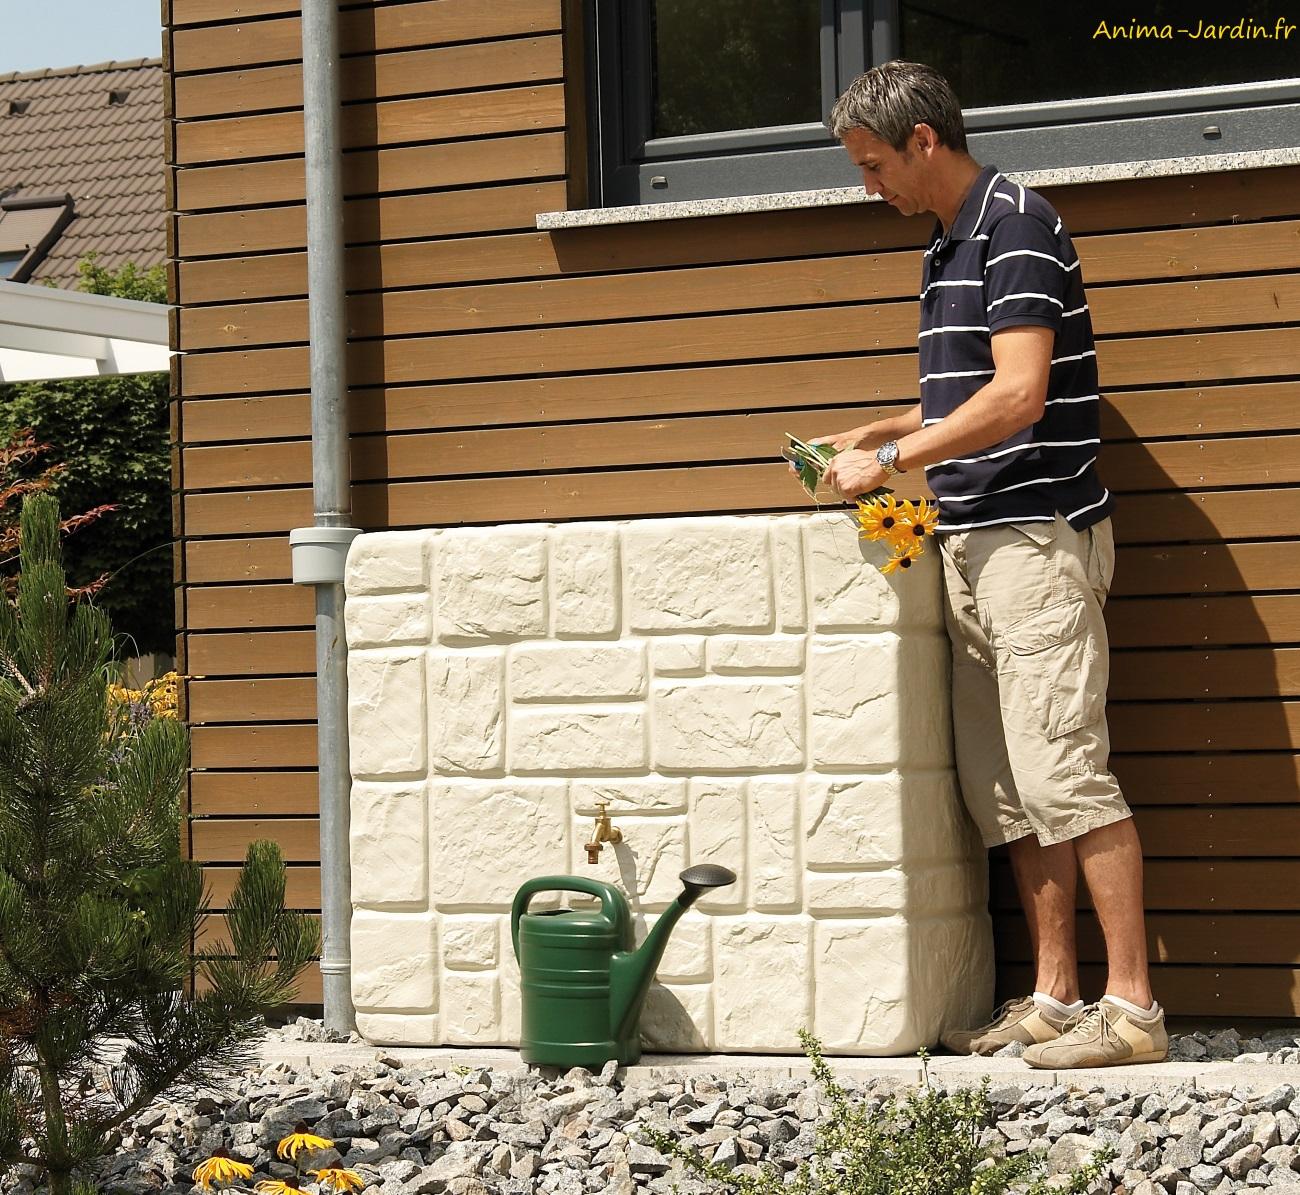 Kit Brick murale-Récupérateur d'eau-eau de pluie-Graf-Anima-Jardin.fr